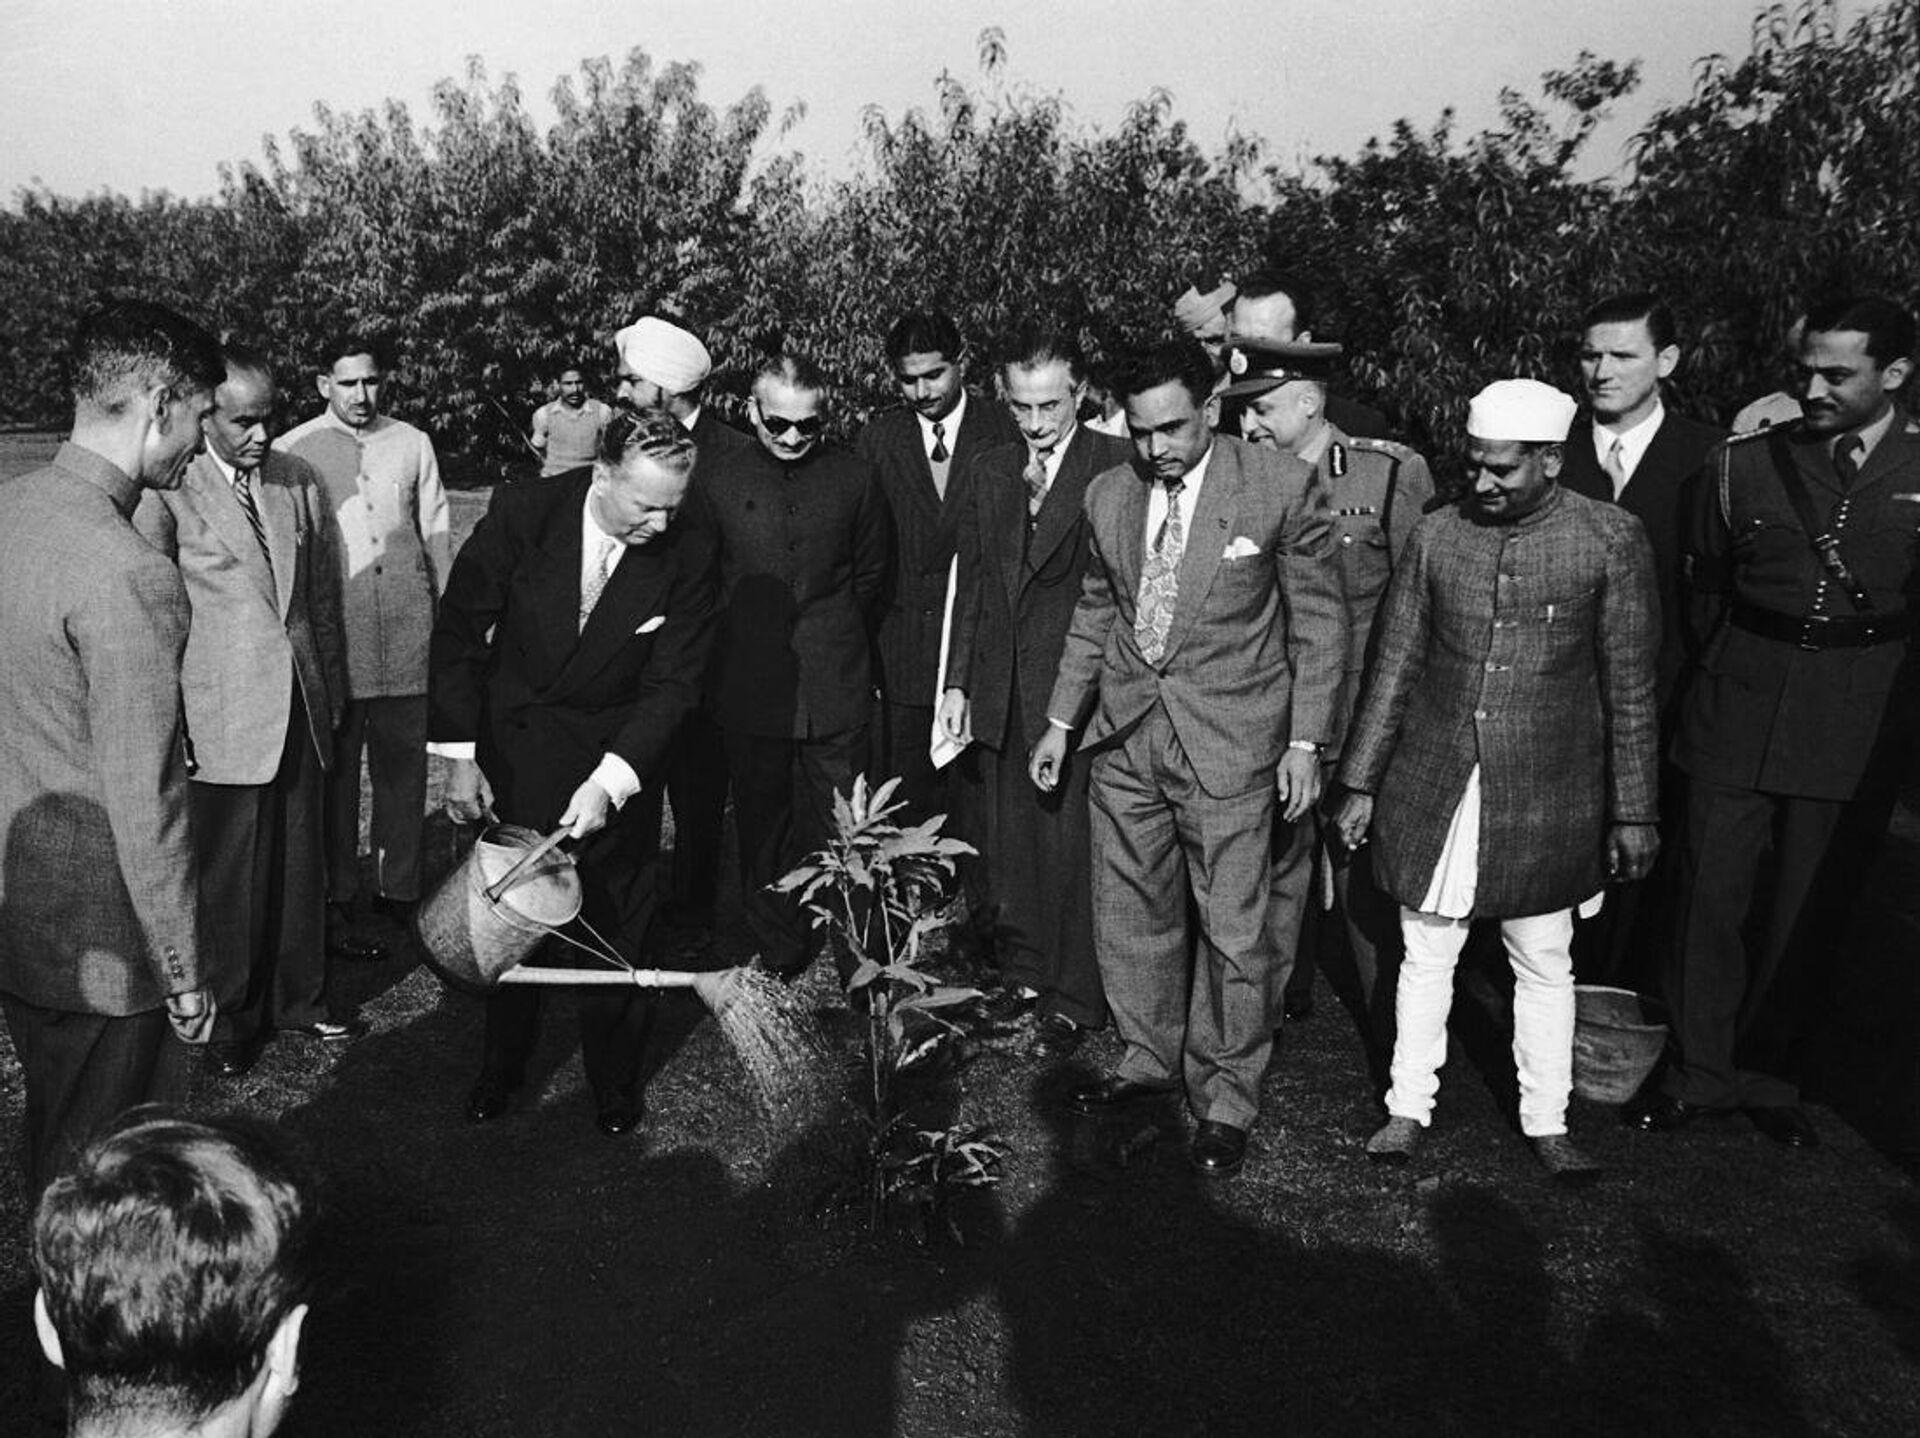 Josip Broz Tito sadi mladicu Ašok drveta u vrtu Radž Gata, mestu kremacije Mahatme Gandija,  Nju Delhi, 18. 12. 1954. - Sputnik Srbija, 1920, 25.09.2021